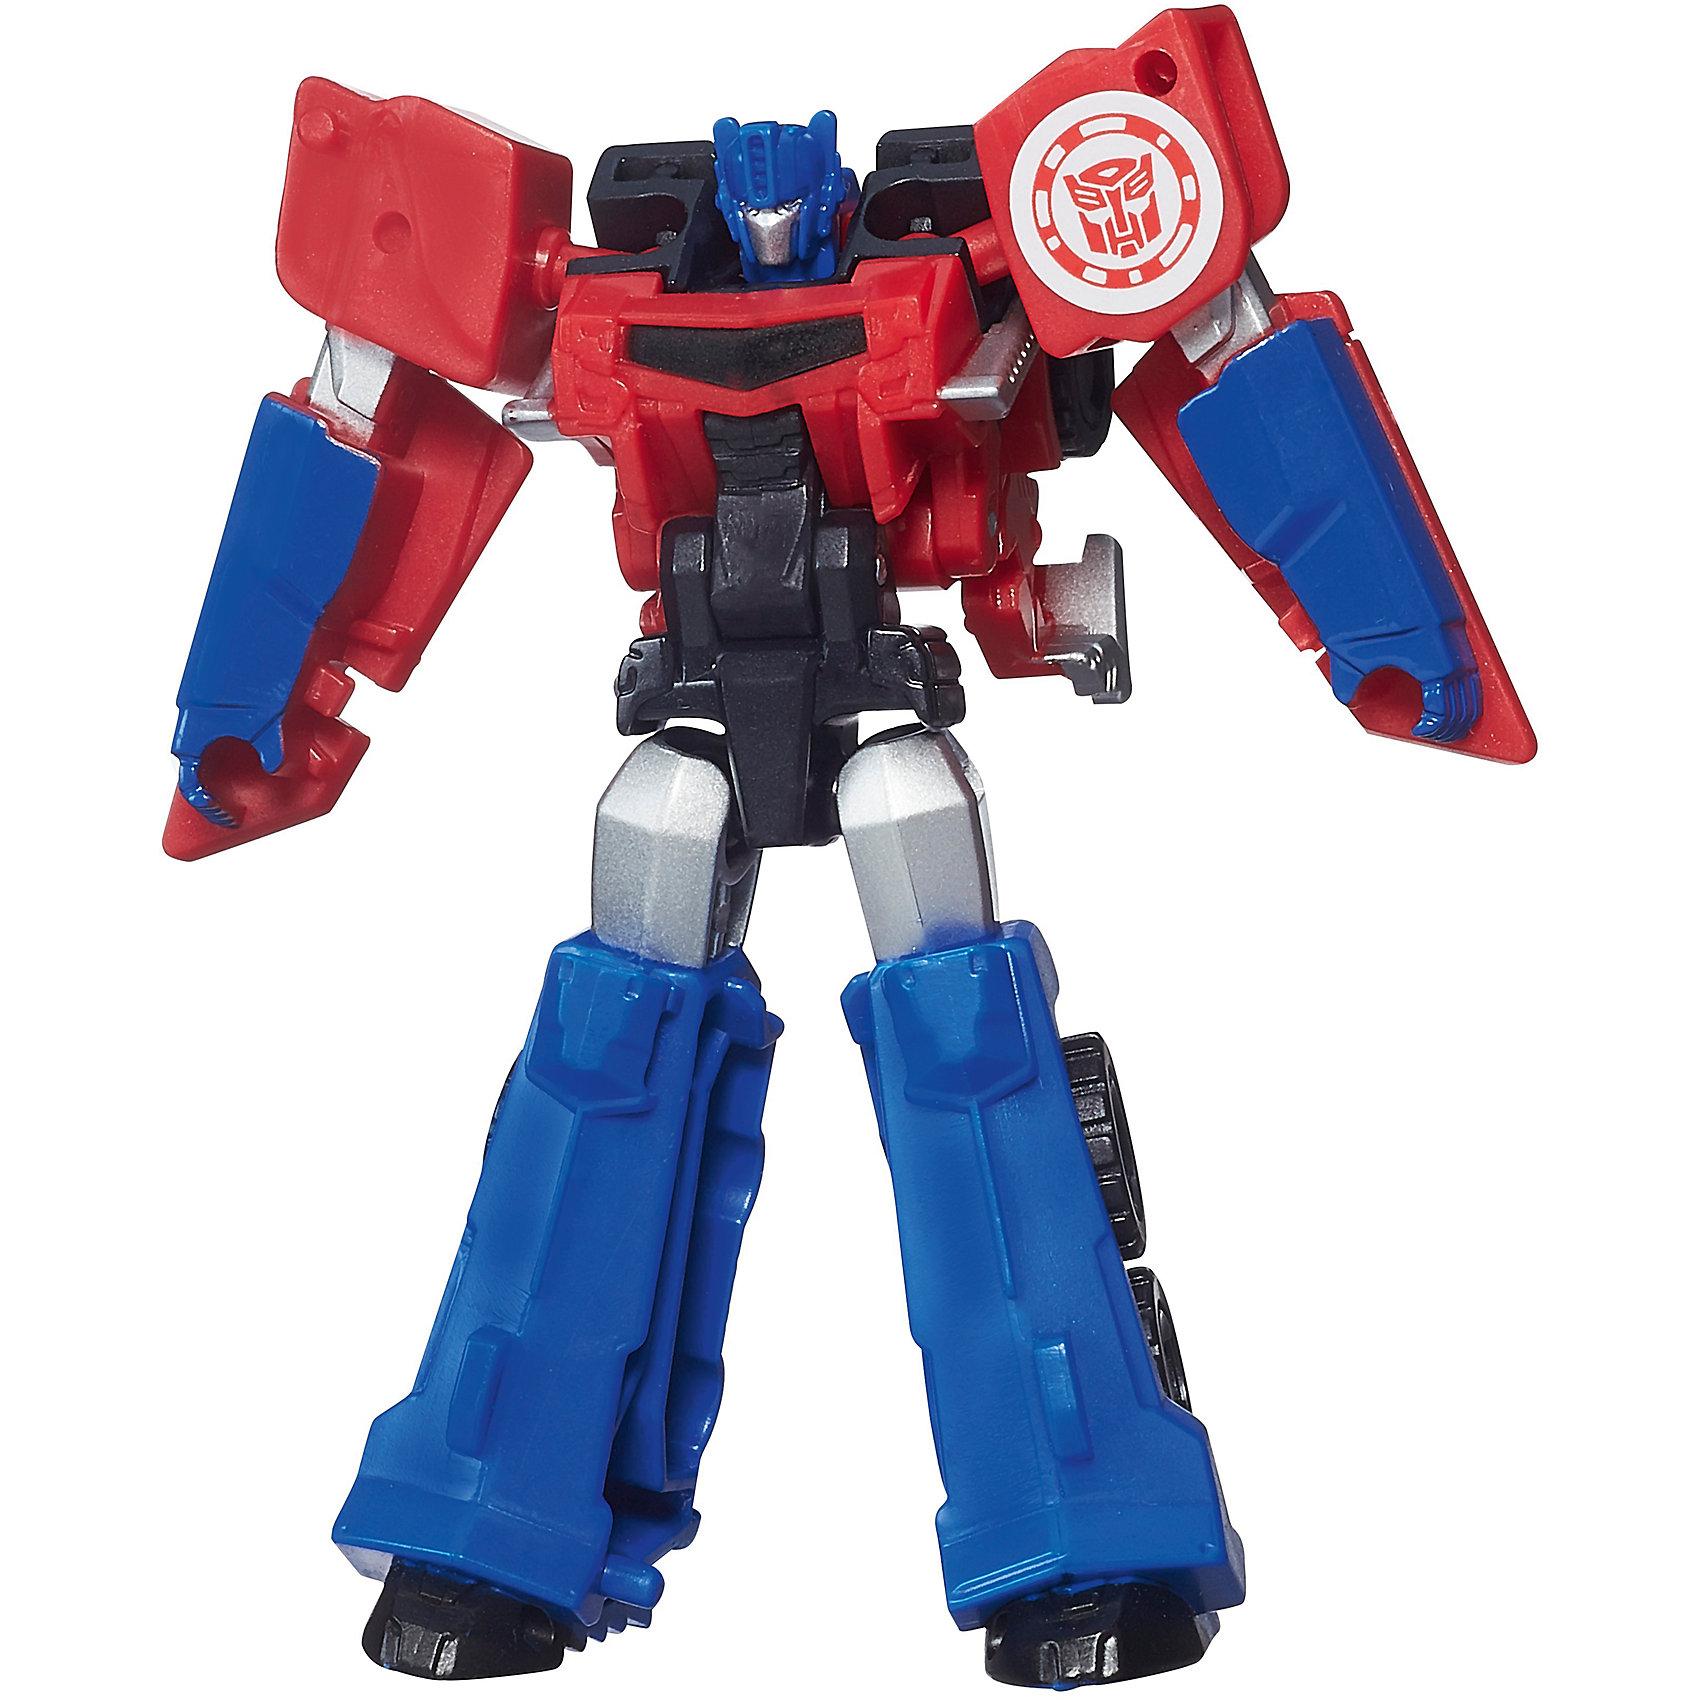 Трансформер Hasbro Роботы под прикрытием Legion Class - Оптимус ПраймФигурки героев<br>Характеристики товара:<br><br>• возраст от 5 лет;<br>• материал: пластик;<br>• высота робота 7 см;<br>• размер упаковки 17,2х11,1х4 см;<br>• вес упаковки 22 гр.;<br>• страна производитель: Китай.<br><br>Игрушка «Роботс-ин-Дисгайс Легион» Transformers — увлекательная игрушка, созданная по мотивам фильма «Трансформеры» про роботов-трансформеров, которые сражаются против злейшего врага — десептиконов. Игрушка без проблем трансформируется в транспортное средство. В процессе трансформации ребенок развивает моторику рук, логическое мышление. С обеими фигурками можно придумать увлекательные игры, устроить захватывающие сражения и гонки.<br><br>Игрушку «Роботс-ин-Дисгайс Легион» Трансформеры B0065/B0894 можно приобрести в нашем интернет-магазине.<br><br>Ширина мм: 172<br>Глубина мм: 111<br>Высота мм: 40<br>Вес г: 22<br>Возраст от месяцев: 60<br>Возраст до месяцев: 2147483647<br>Пол: Мужской<br>Возраст: Детский<br>SKU: 5622052